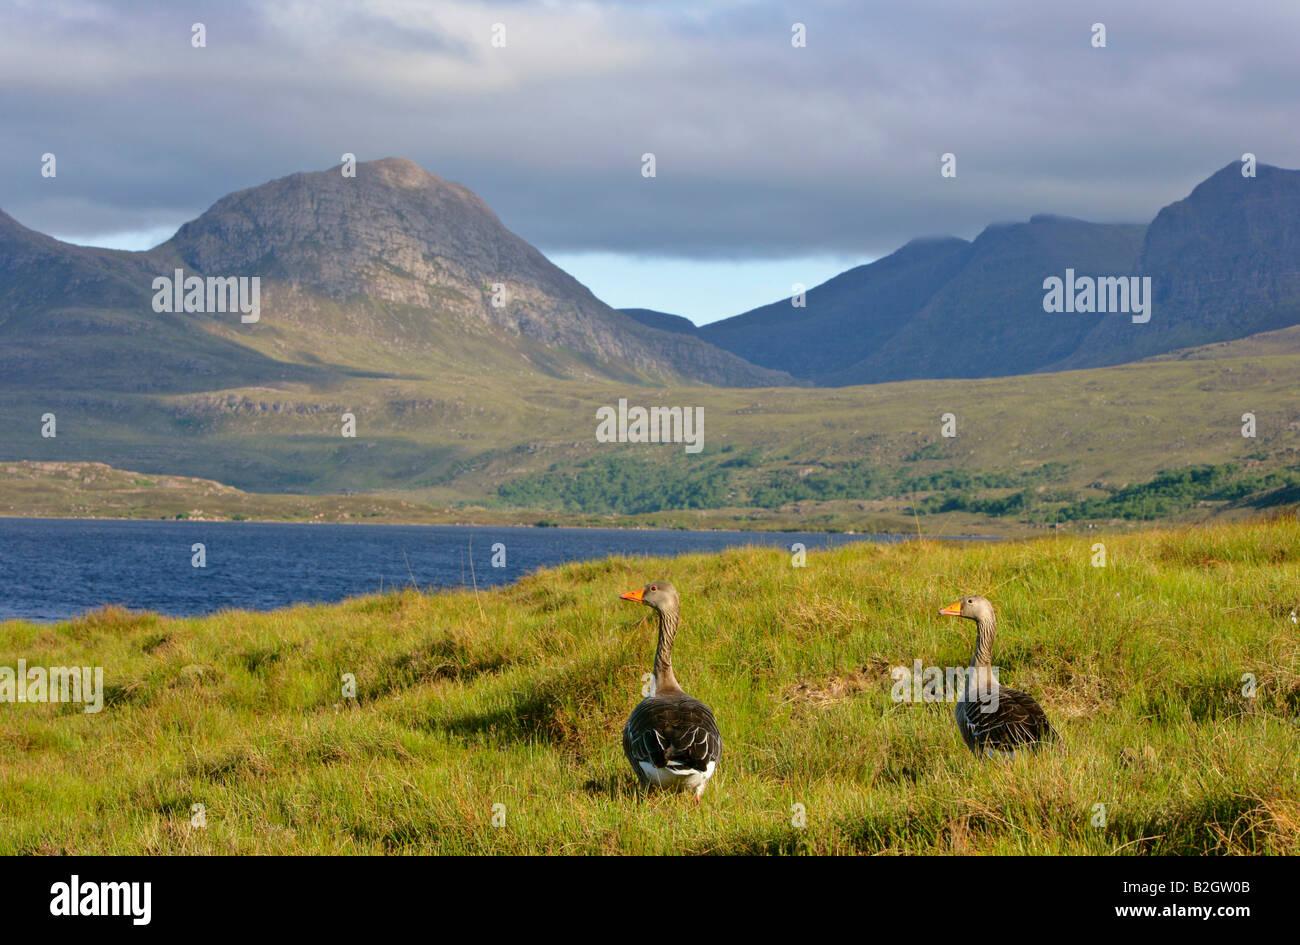 Pair couple Greylag Goose Anser anser gorgous lake mountain landscape Western Highlands Scotland UK Stock Photo